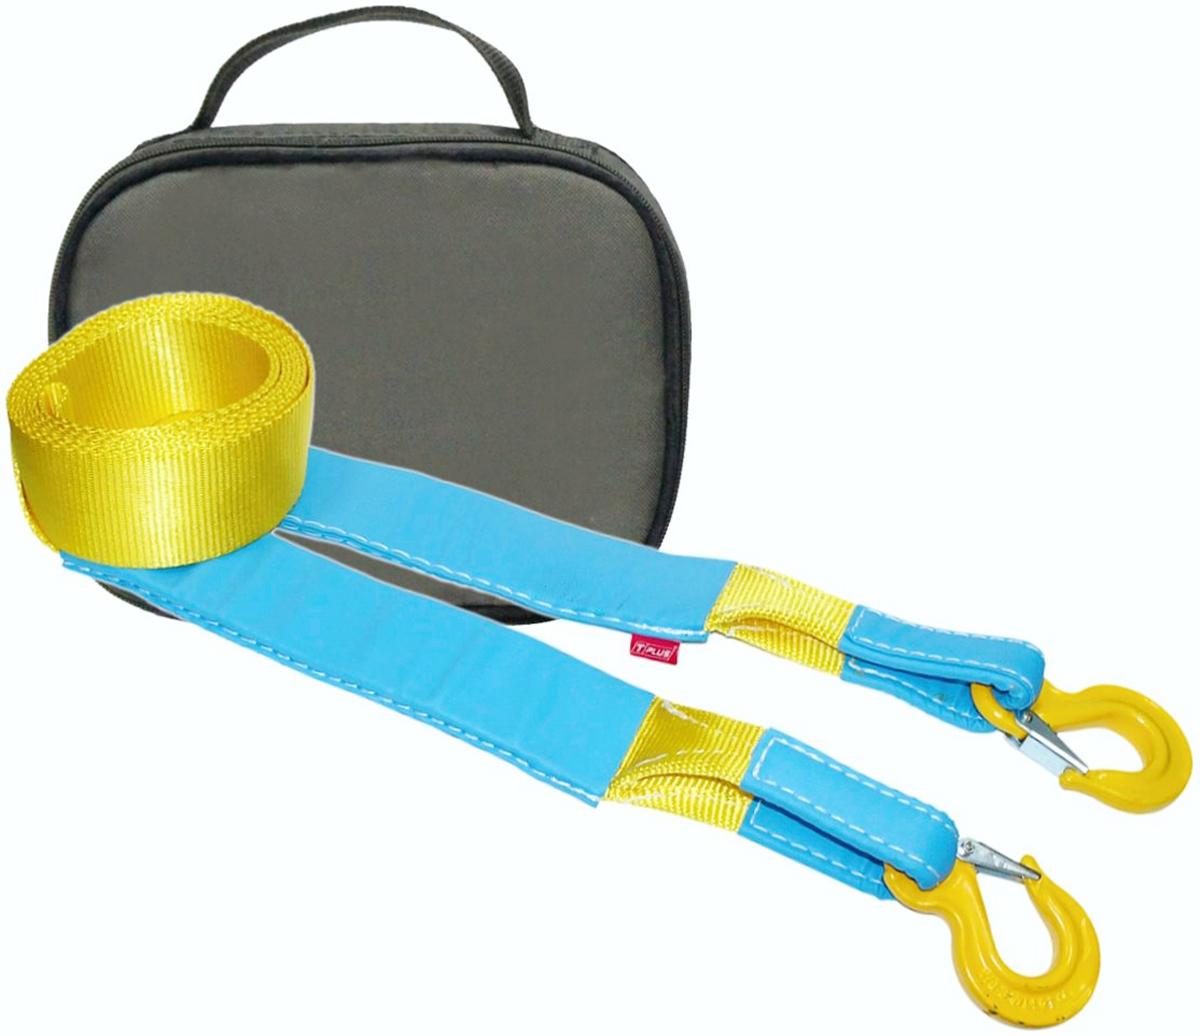 Ремень буксировочный эластичный Tplus Стандарт, крюк/крюк, с сумкой, цвет: олива, 6 т, 5 мT001960Минимальная разрывная нагрузка (MBS): 6 т; Безопасная рабочая нагрузка (SWL): 2 т; Длина: 5 м; Ширина ленты: 70 мм; Материал ленты: полиамид; Защита петель: экокожа; Защита швов: экокожа; Эластичность (удлинение при нагрузке): 20%; Исполнение: крюк/крюк; Крюк с усиленной защелкой (SF8): 2/16 т (безопасная рабочая нагрузка SWL/минимальная разрывная нагрузка MBS); Применяется для а/м массой* от 1 до 1.8 т; Сумка (оксфорд); Гарантия: 1 год. *масса а/м = снаряженная масса а/м + 100 кг (+20% при эвакуации а/м из грязи). Если а/м оснащен дополнительным оборудованием (силовой бампер, лебёдка и т. п.), то масса а/м = снаряженная масса а/м + 100 кг + масса дополнительно установленного навесного оборудования (+20% при эвакуации а/м из грязи).